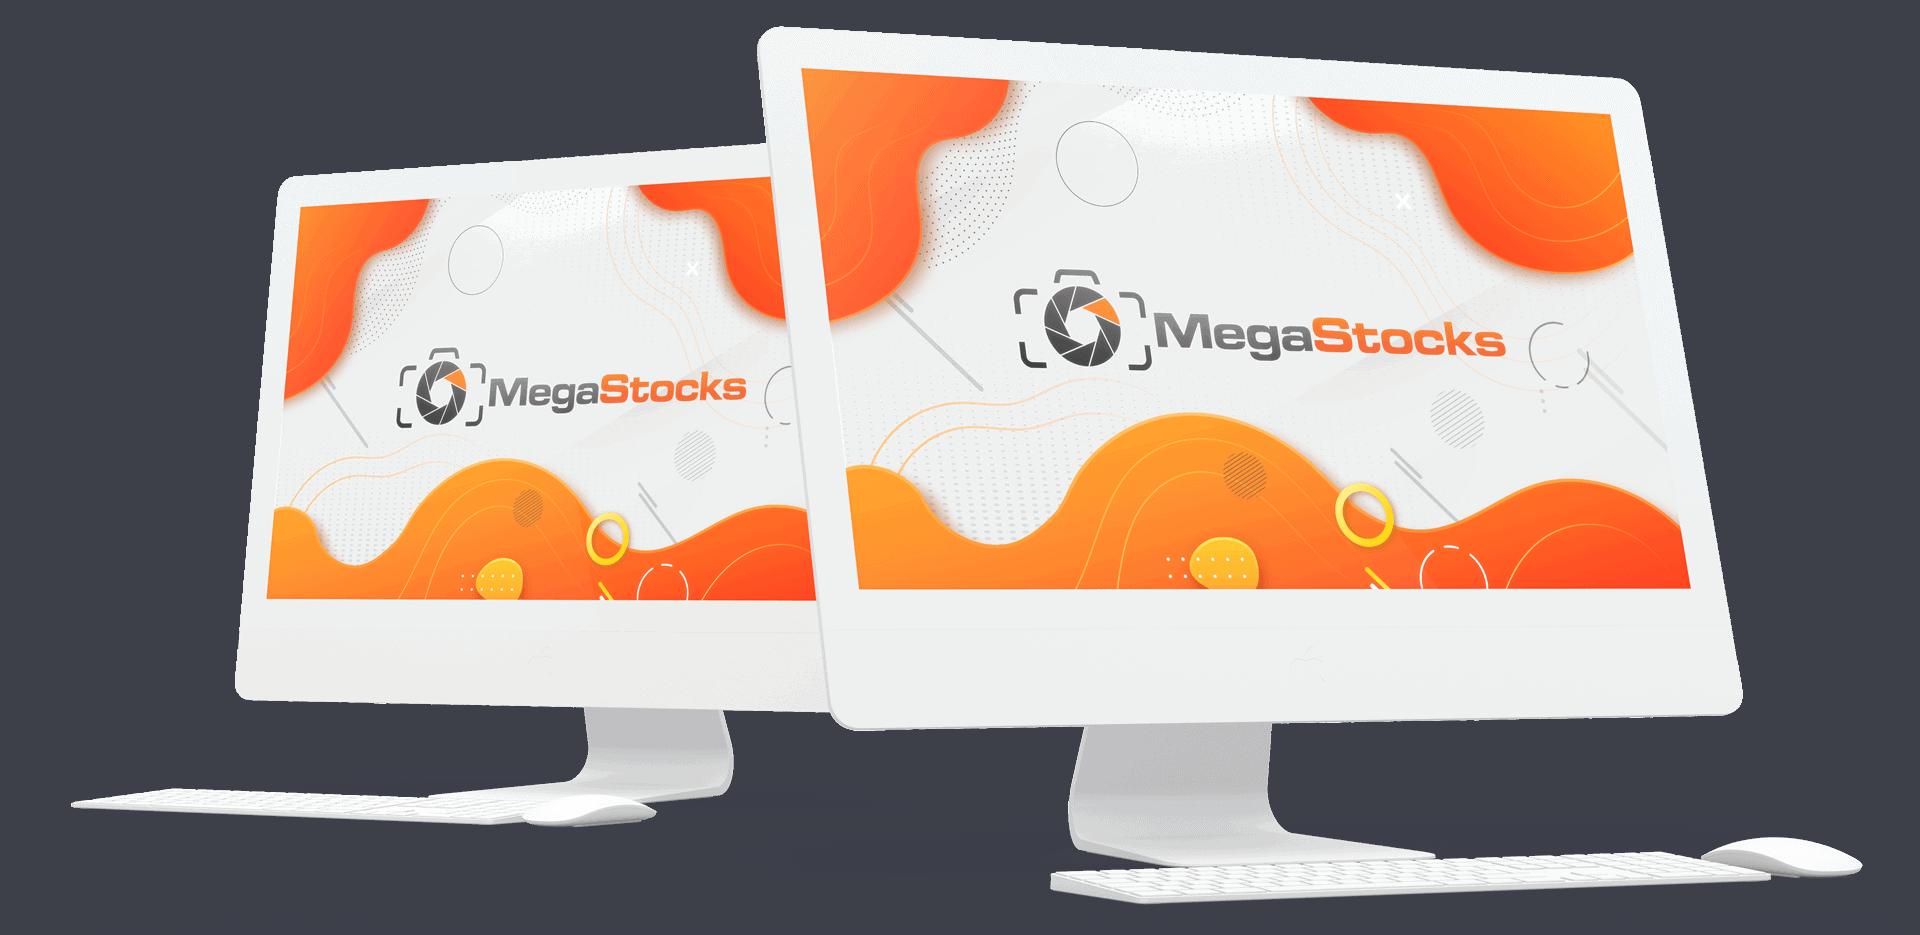 MegaStocks OTO's